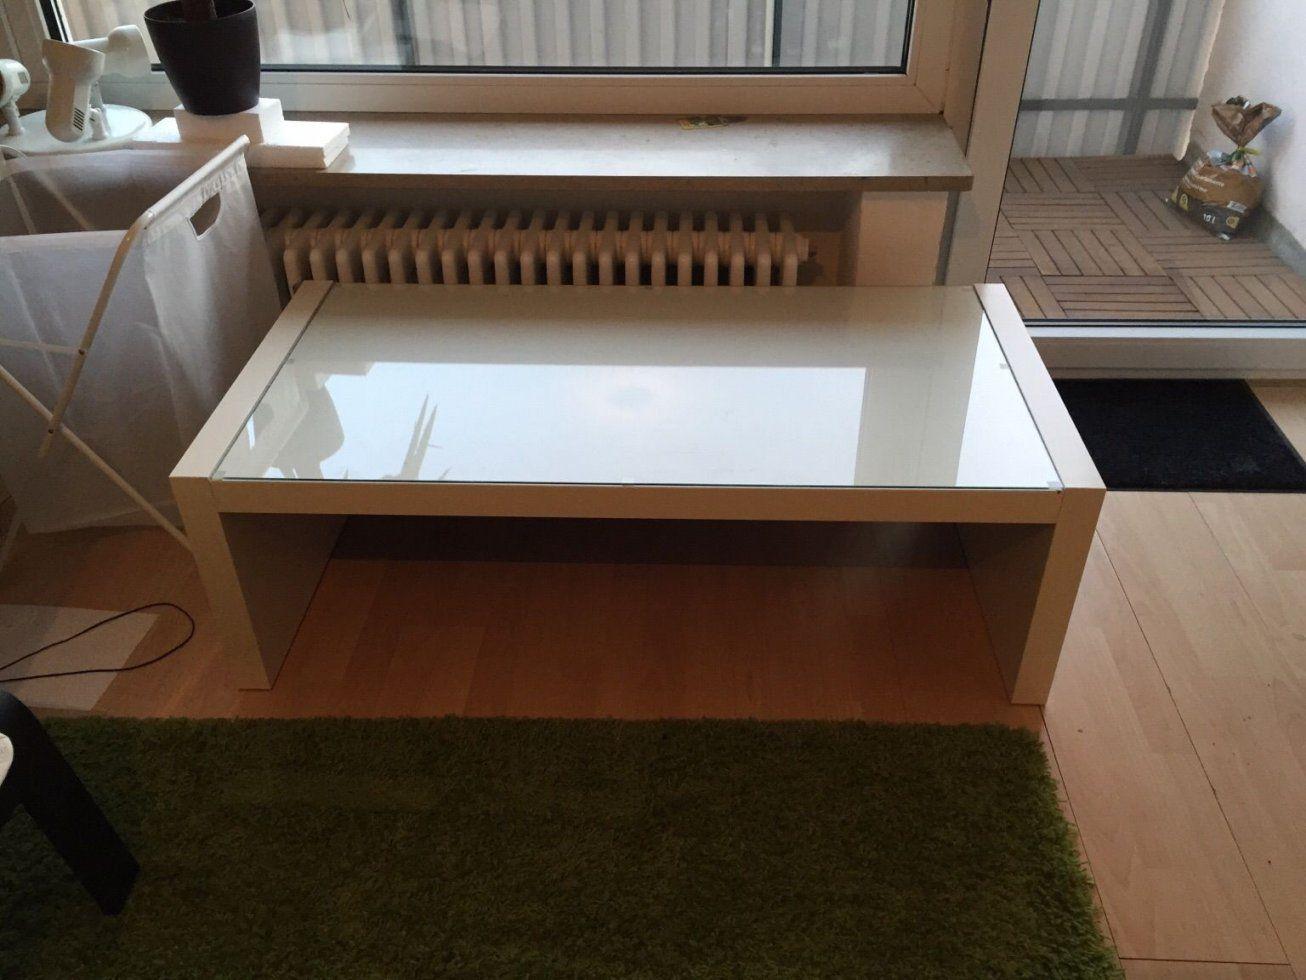 Gebraucht Ikea Expedit Couchtisch Mit Glasplatte In 81241 München Um von Ikea Couchtisch Mit Glasplatte Bild